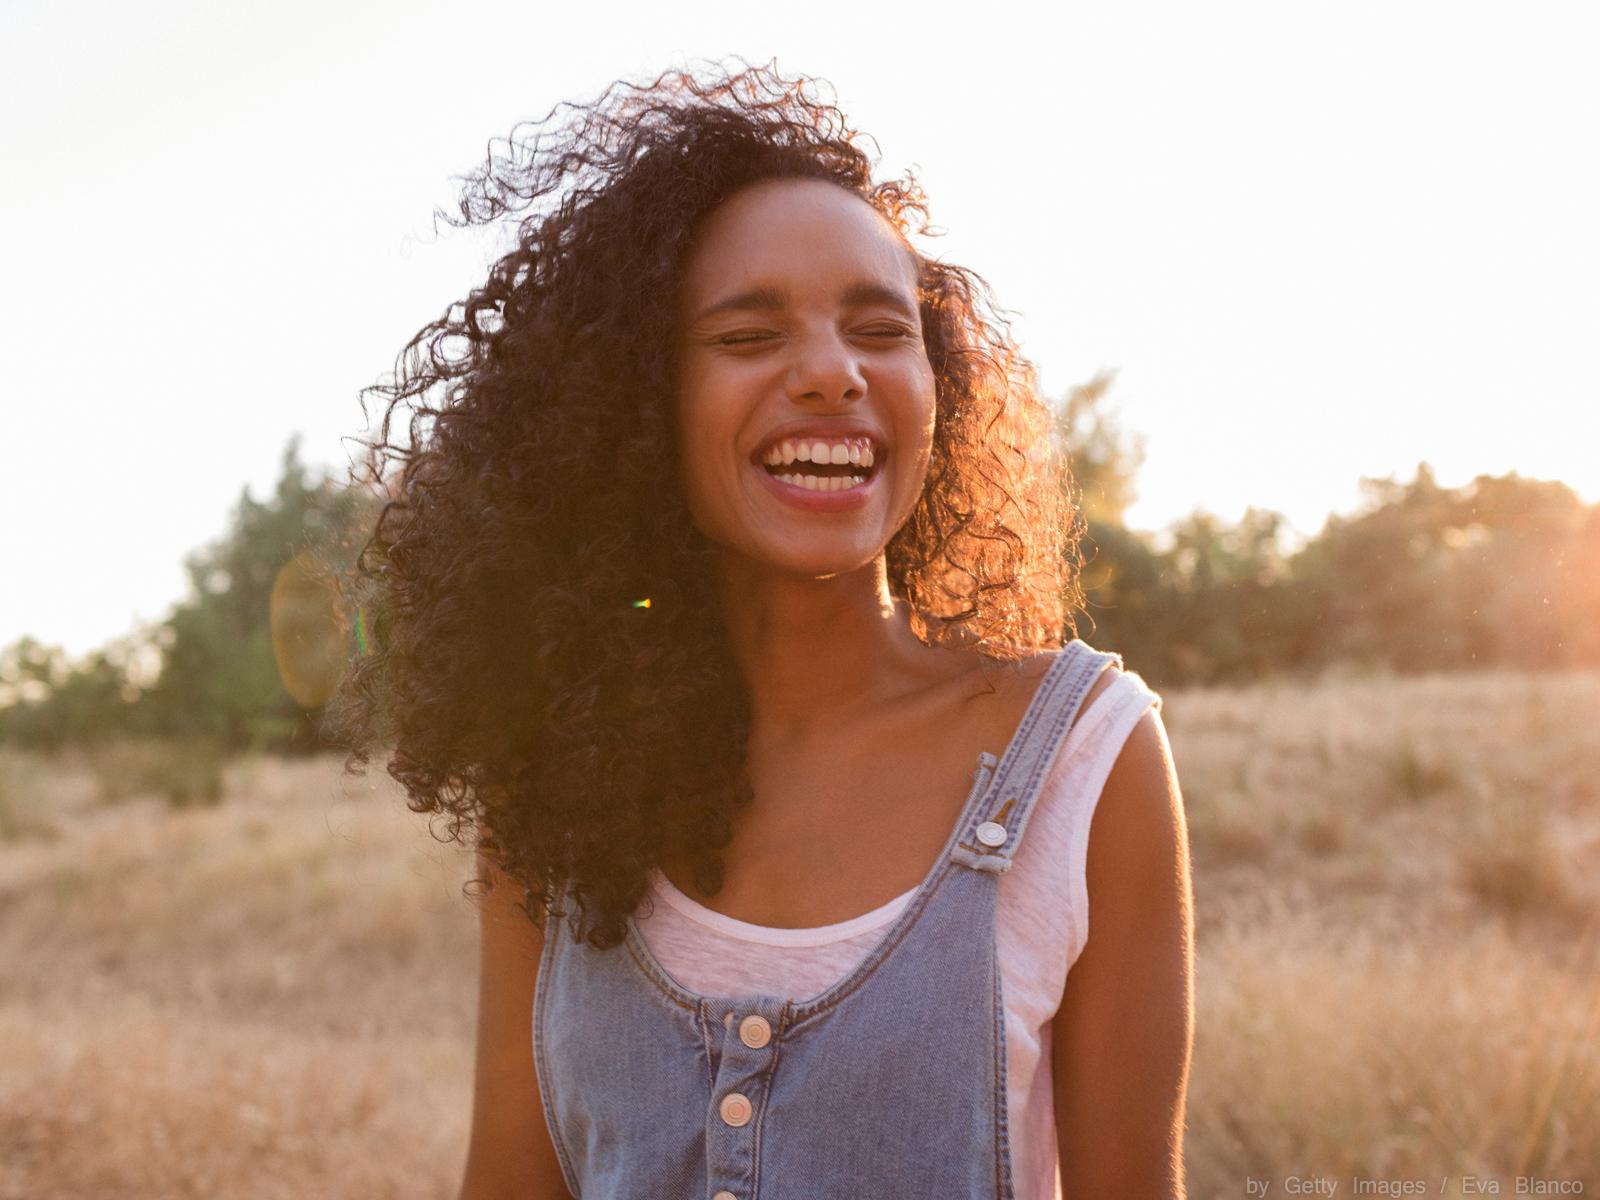 Busque leveza e encontre a felicidade dentro de você